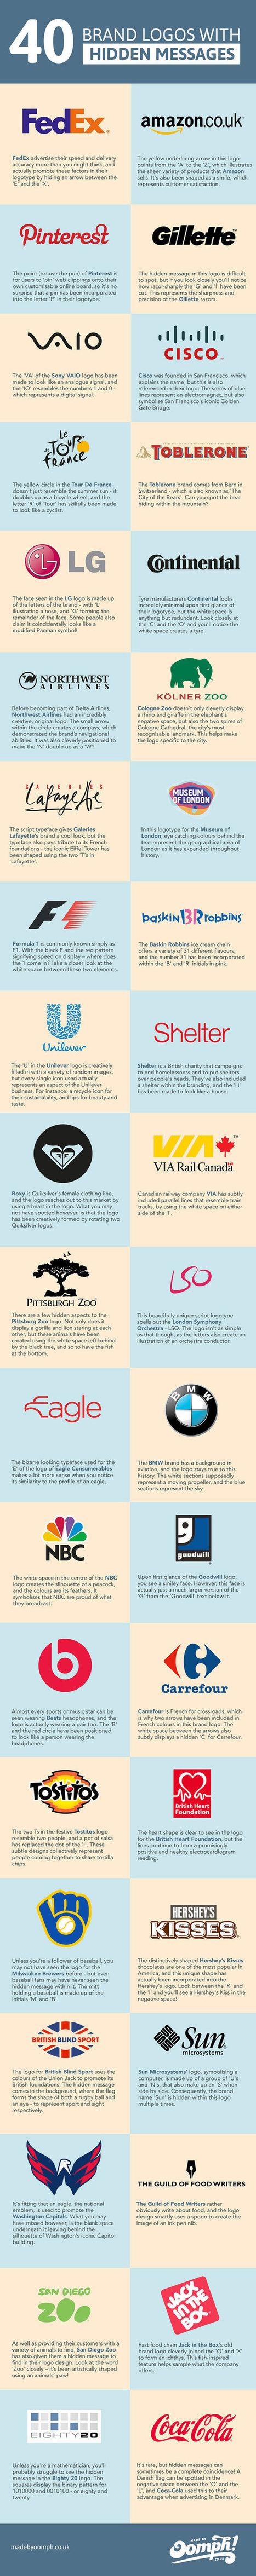 40 logotipos de marca con mensajes ocultos   Marketing2015   Scoop.it